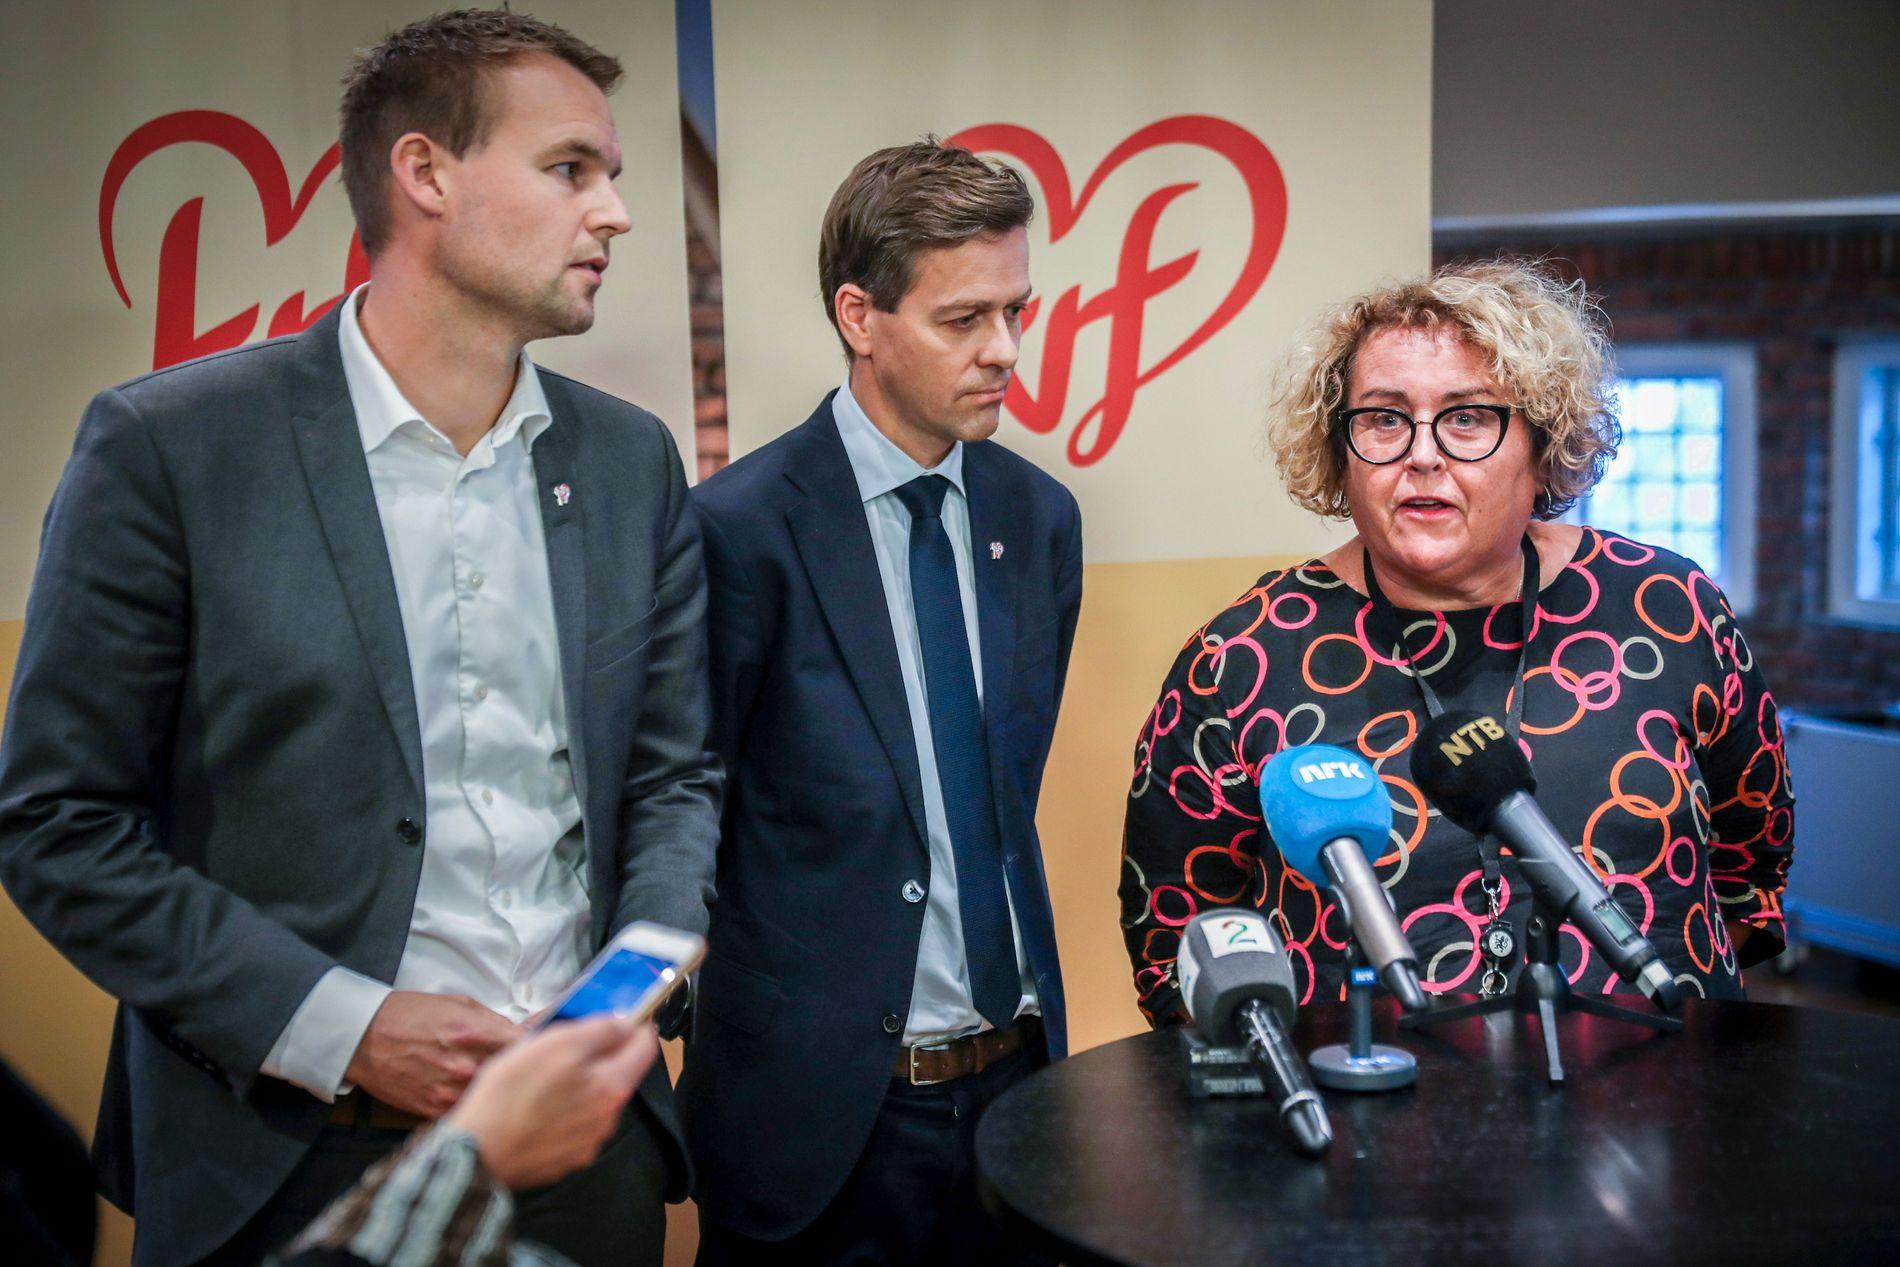 VIL TIL HØYRE: KrF-nestleder Kjell Ingolf Ropstad (f.v.) fronter sammen med nestleder Olaug Bollestad ønsket om å gå inn i Erna Solbergs regjering.